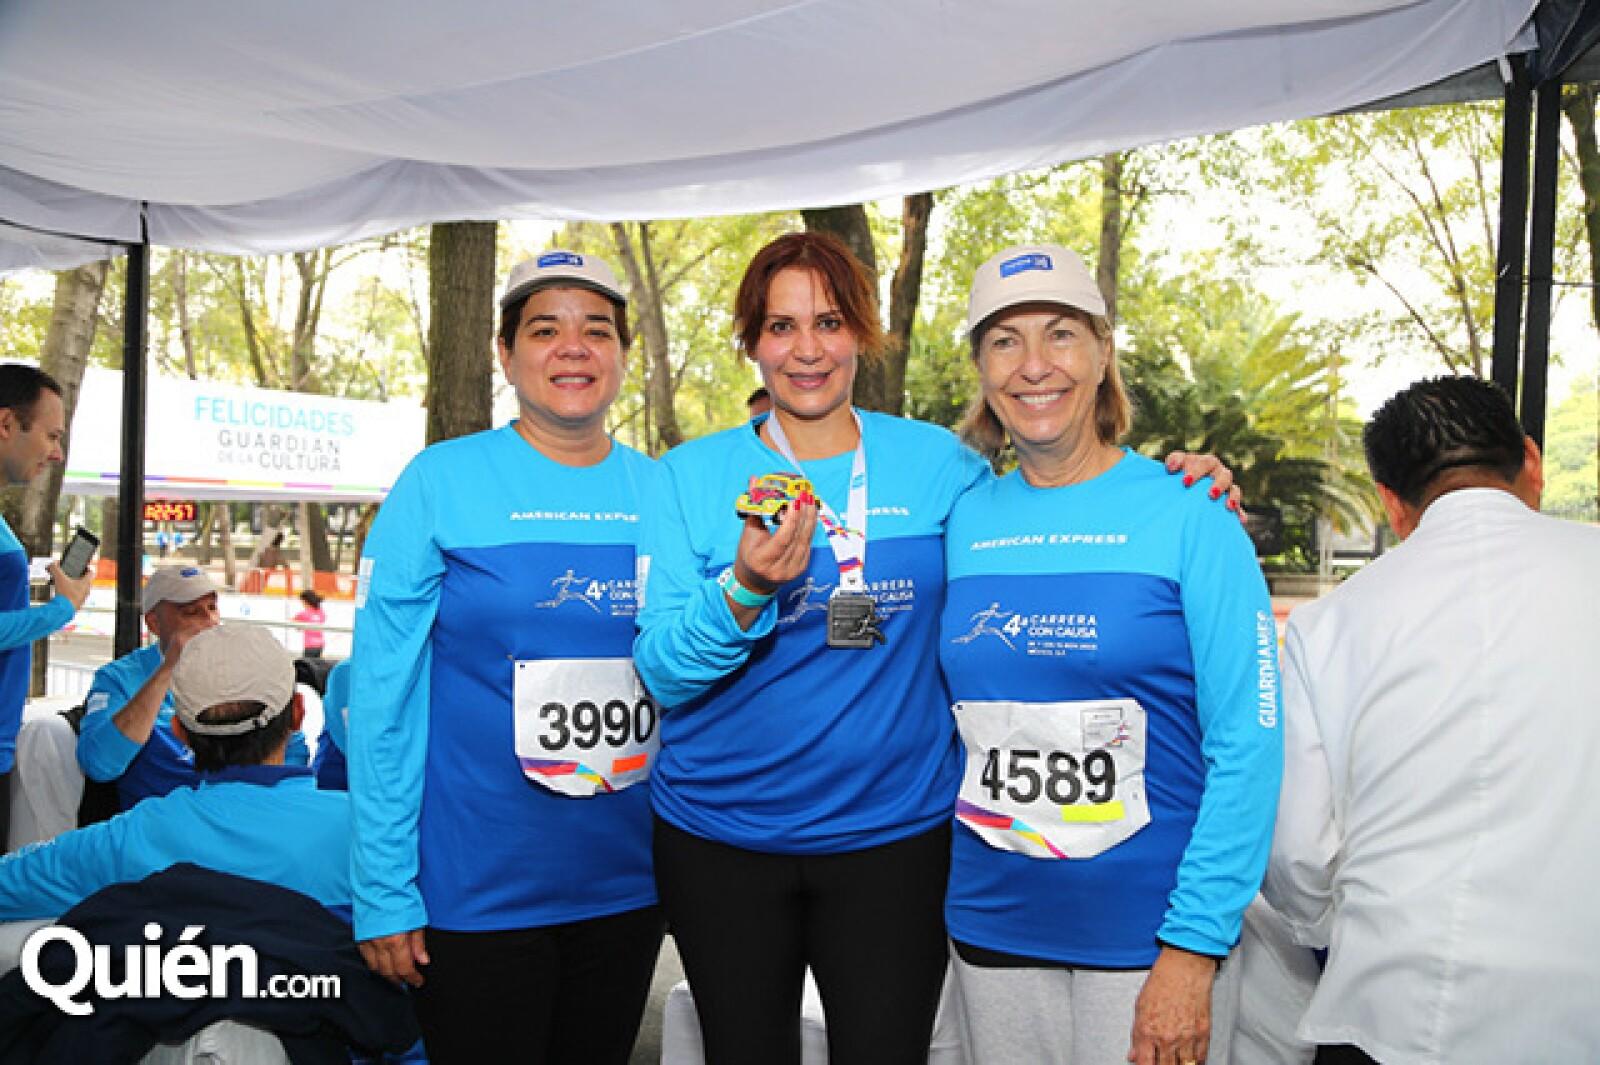 Sonya Santos,María Esther Villar y Marie Thérèse Arango